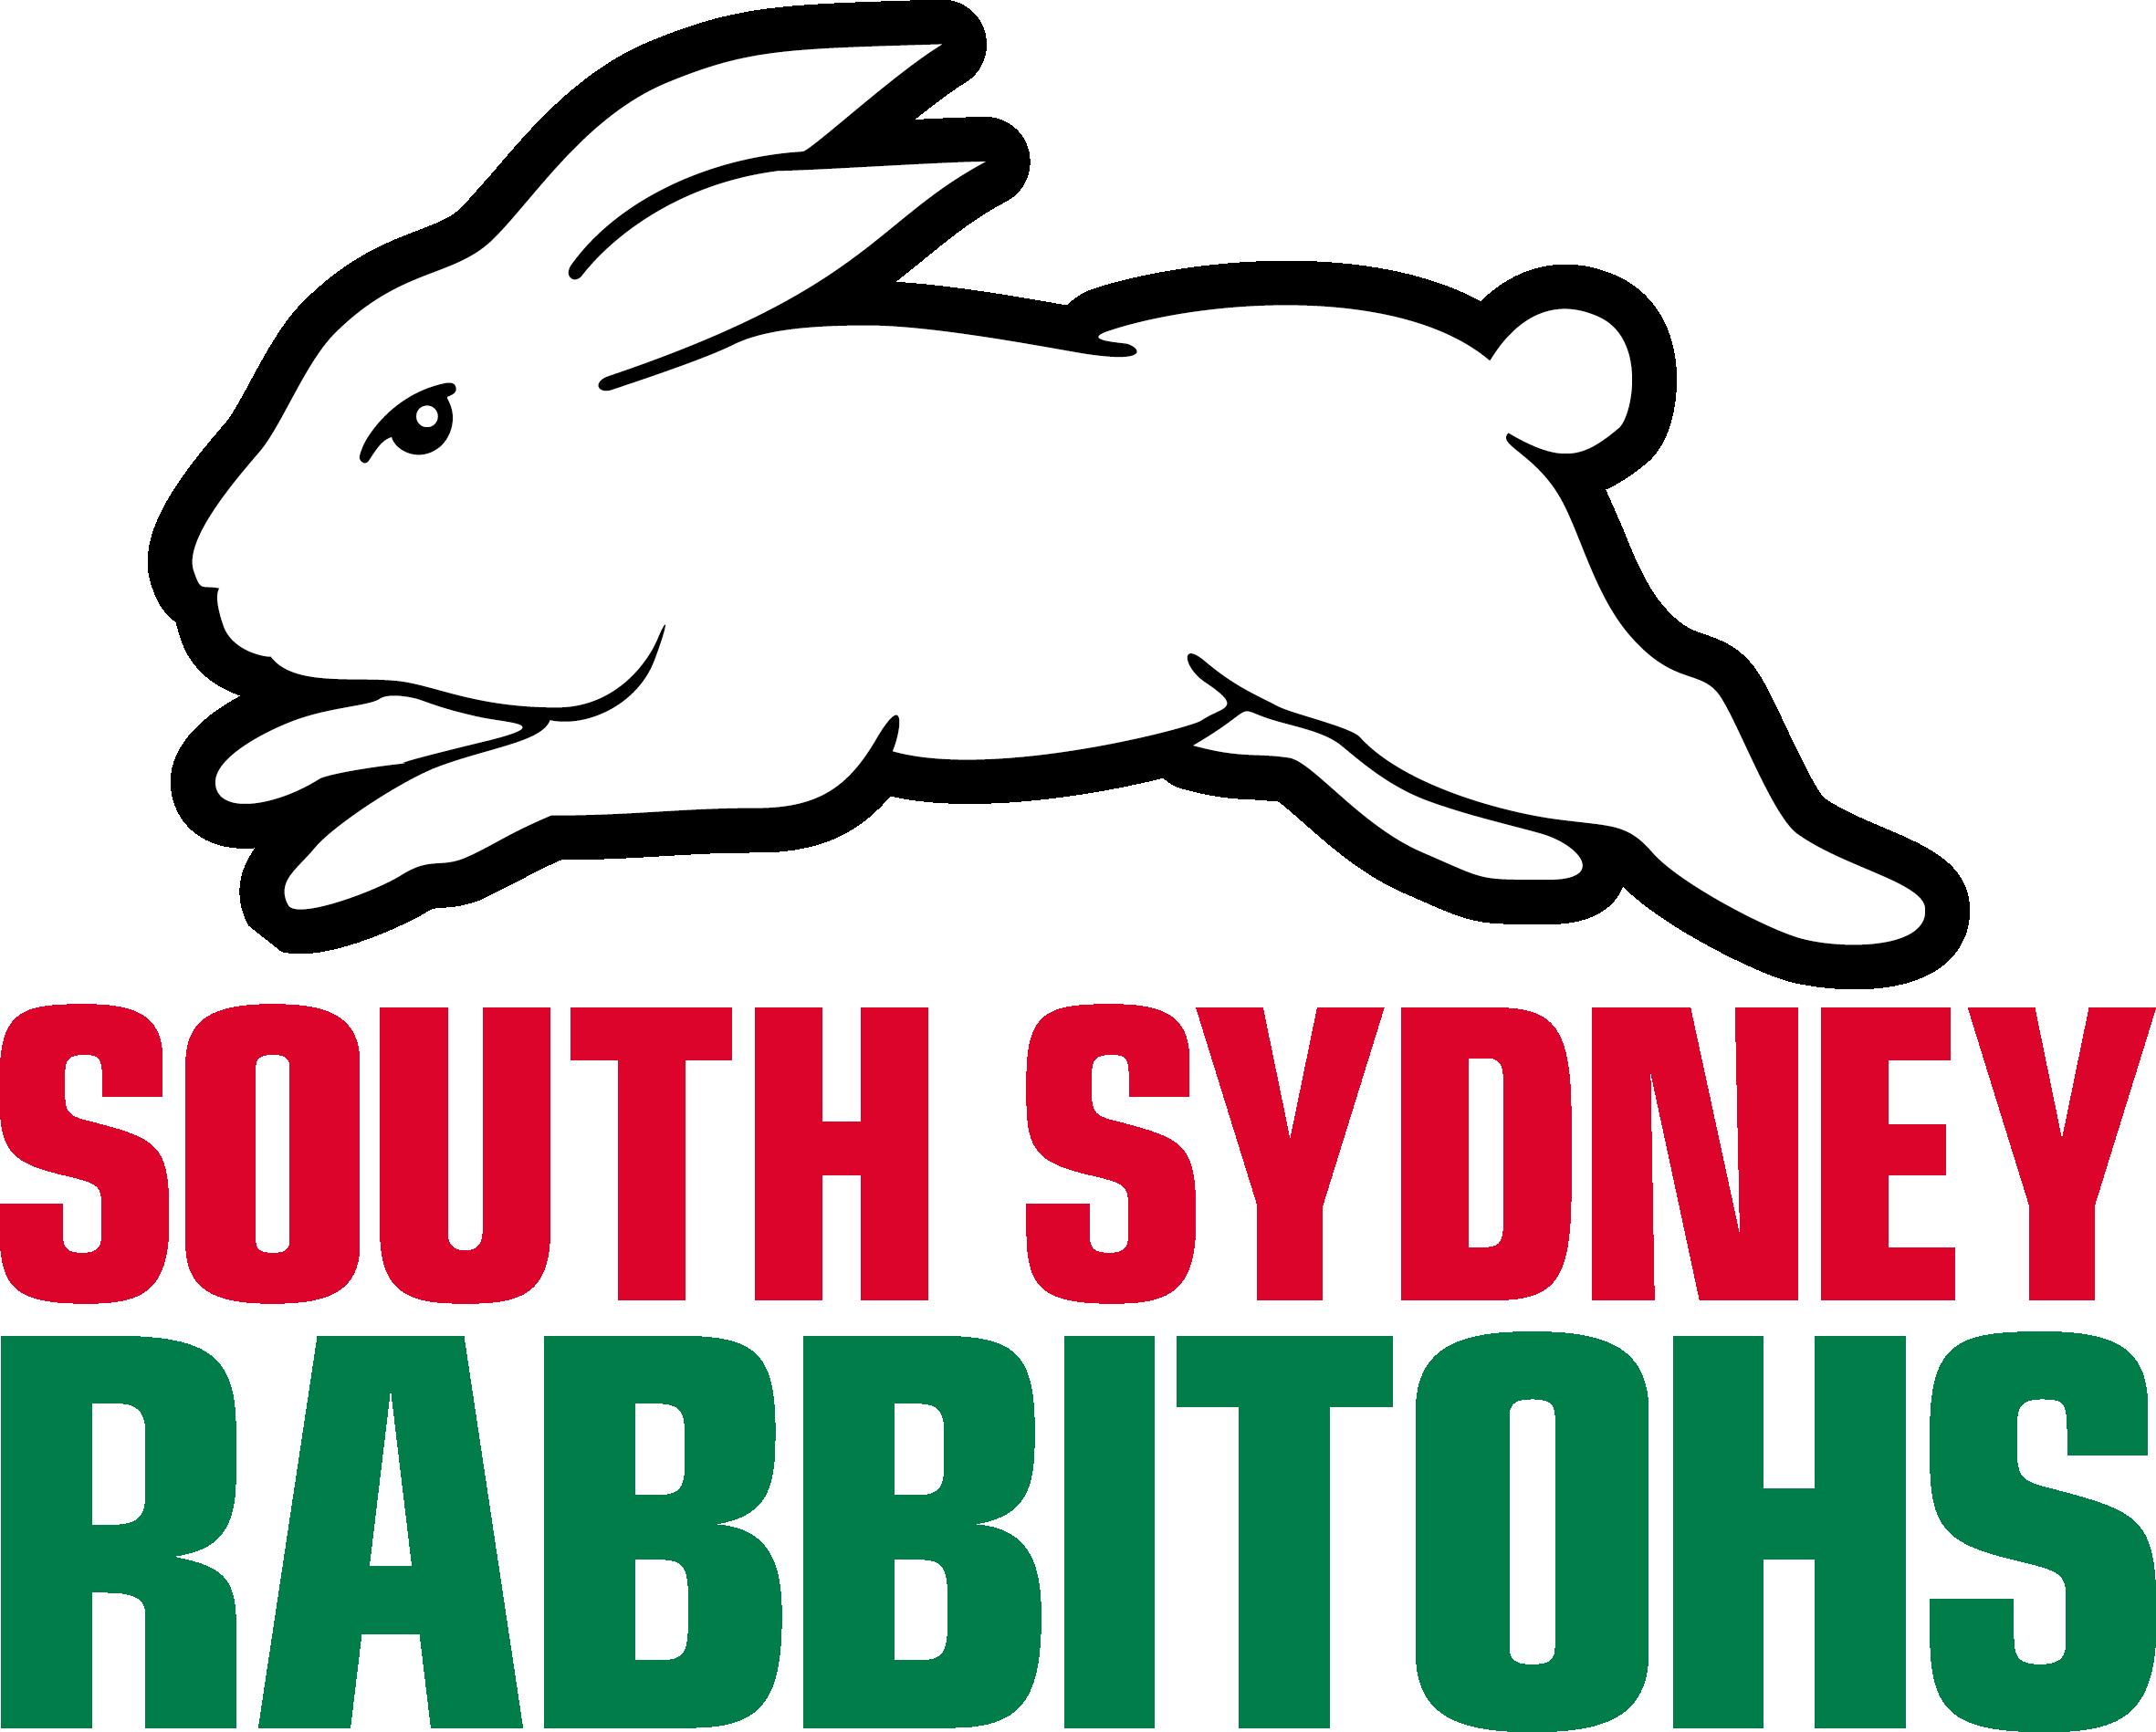 South Sydney Rabbitohs Logopedia Fandom